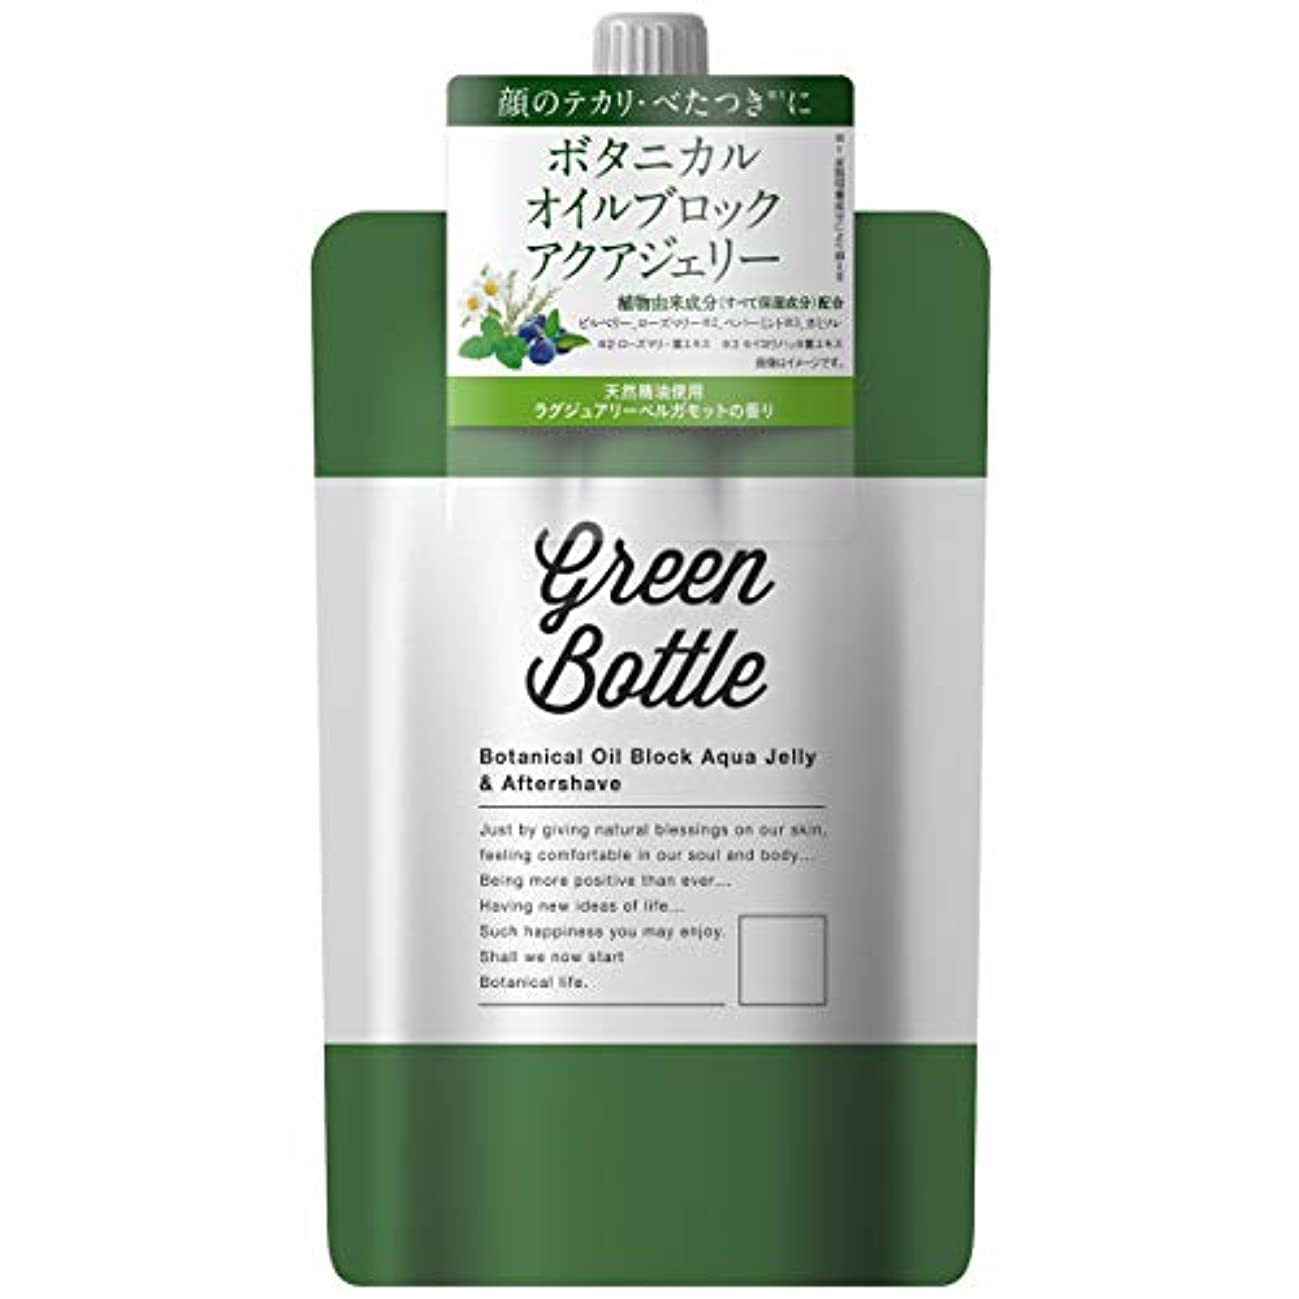 そっと喪ダイバーグリーンボトルボタニカル グリーンボトル ボタニカルオイルブロックアクアジェリー 化粧水 ラグジュアリーベルガモットの香り 150g